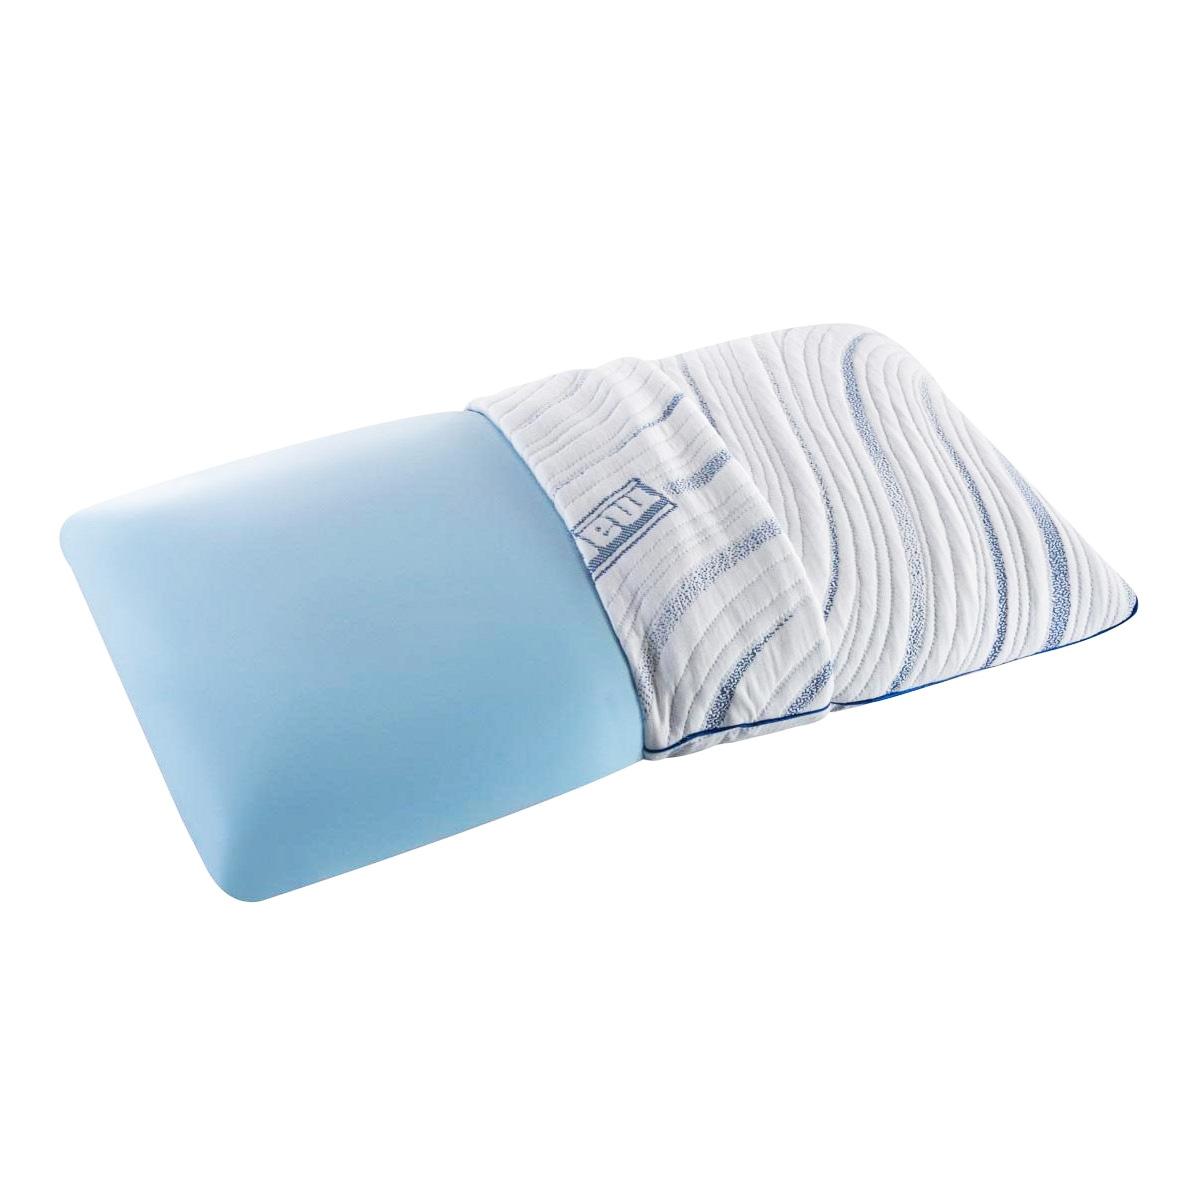 Ортопедическая подушка Magnigel Deluxe с охдаждающим эффектом